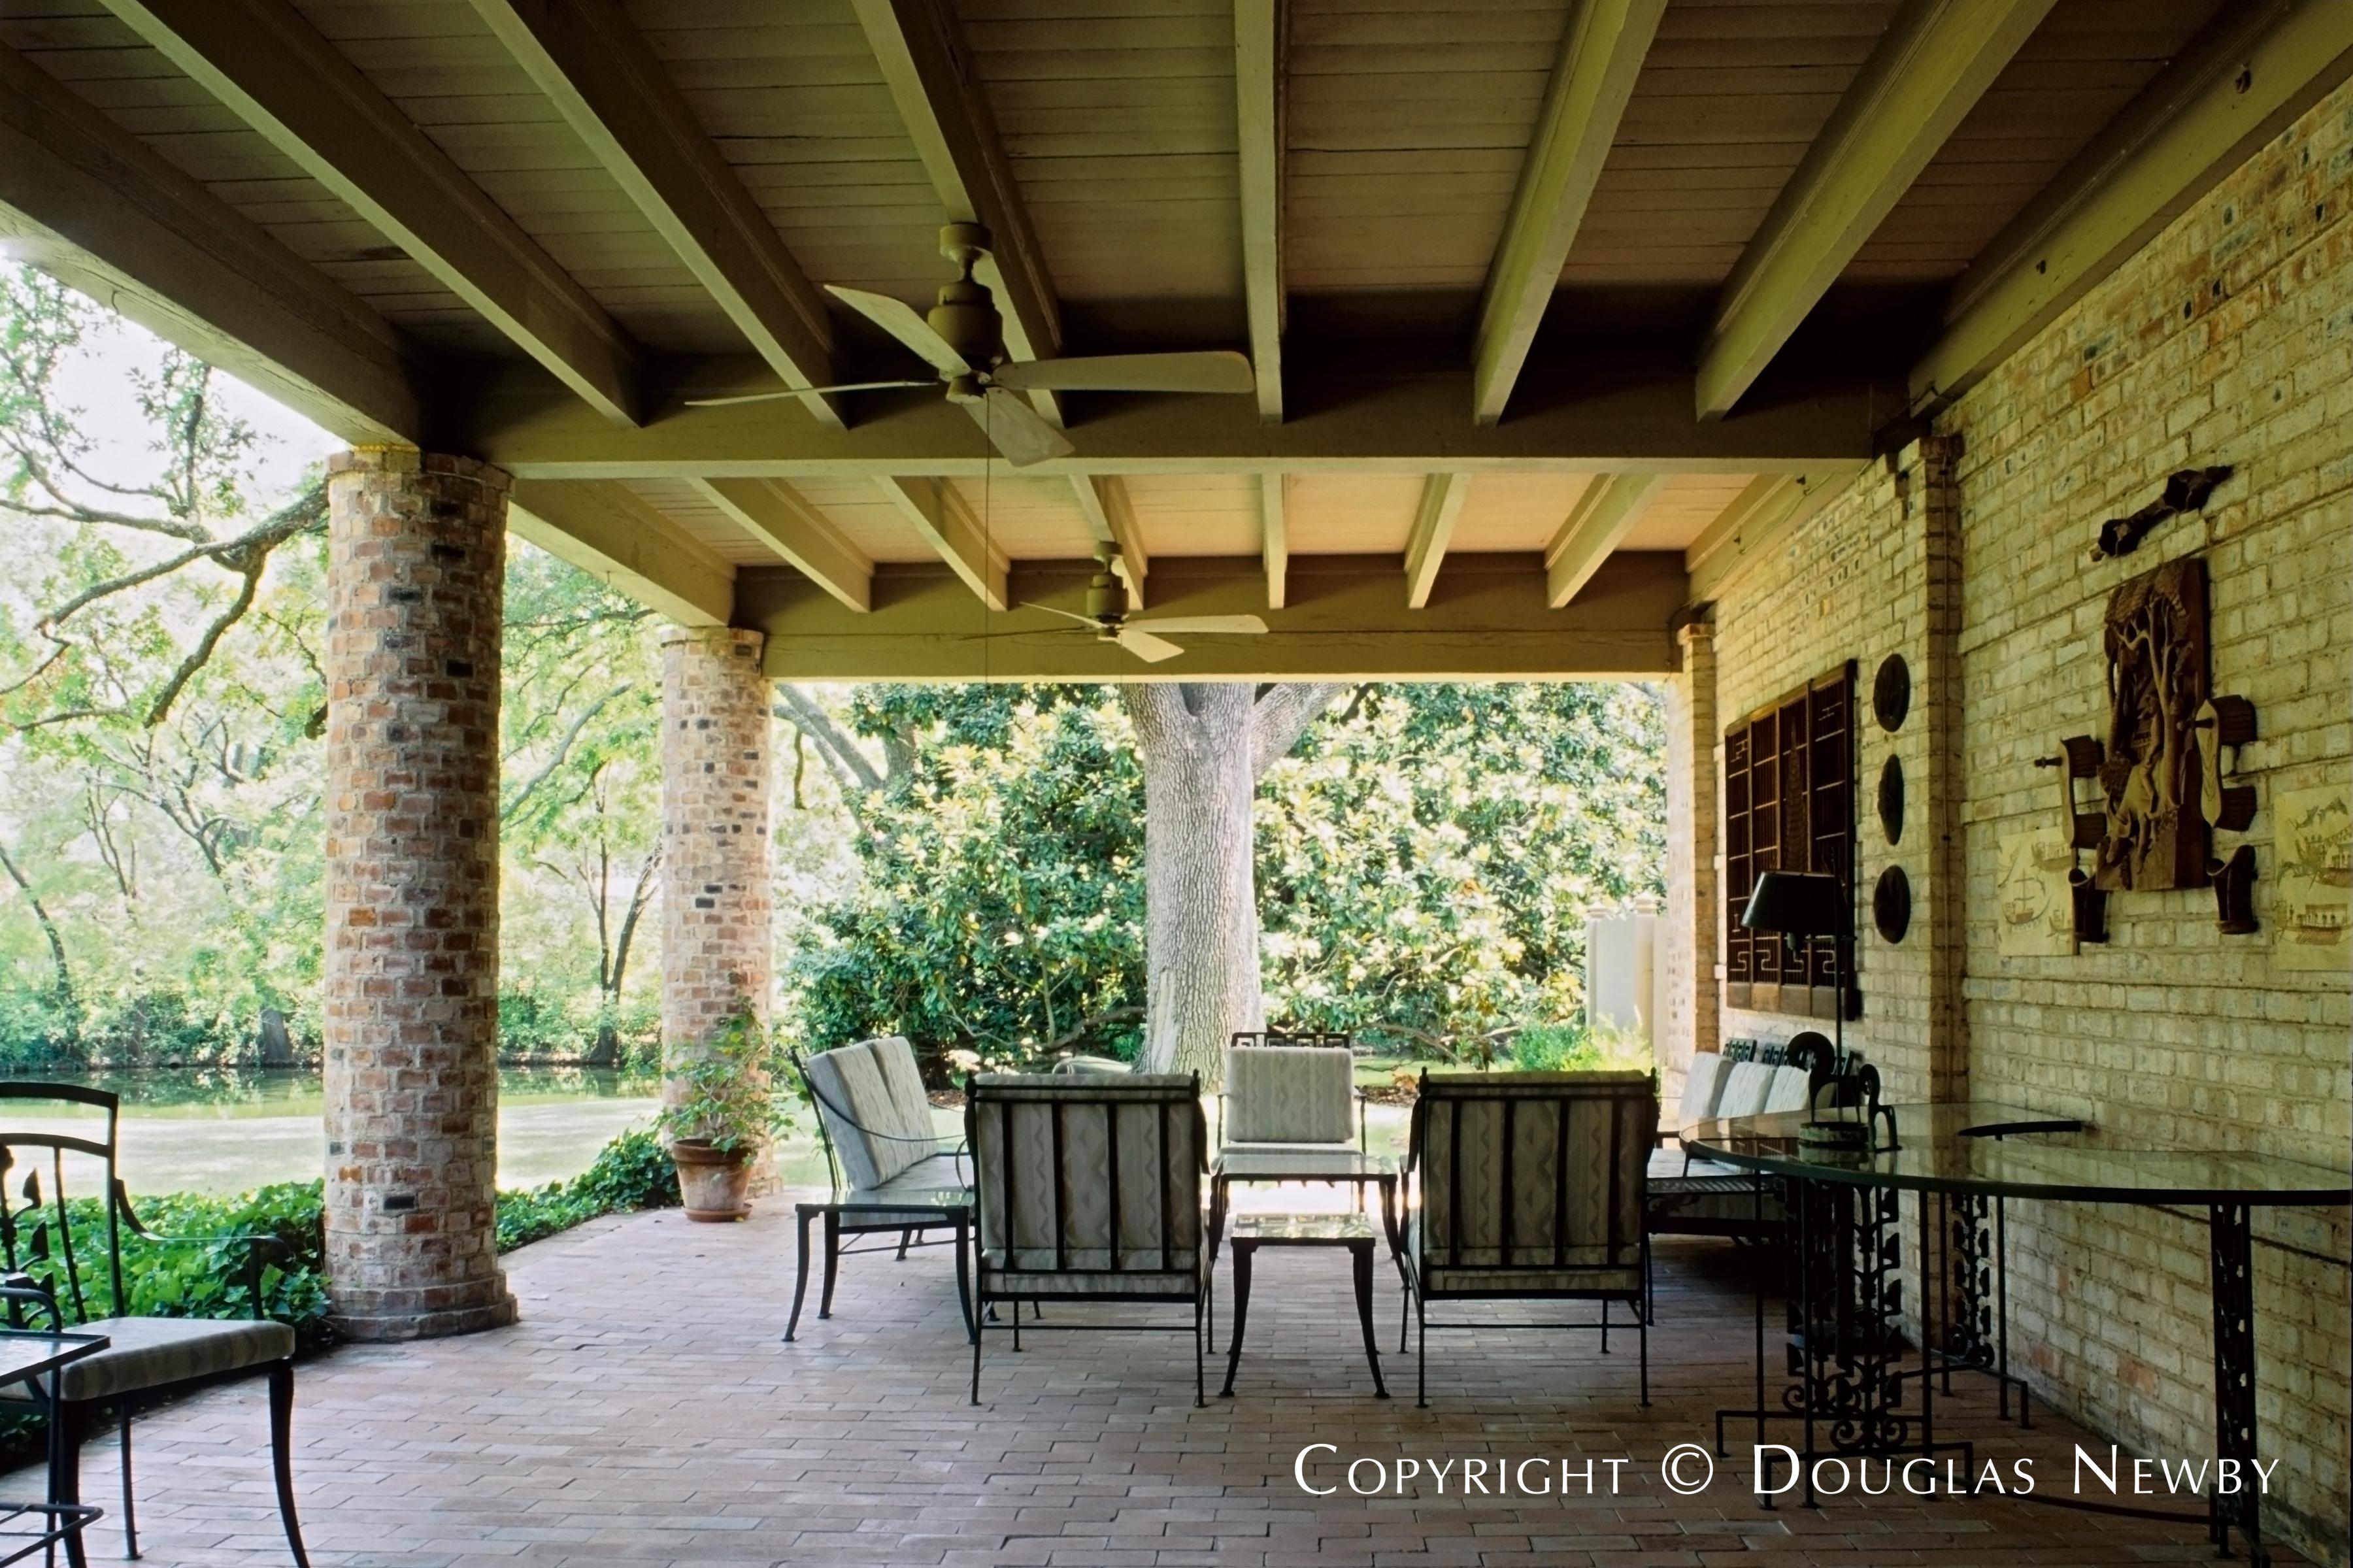 University Park Texas Modern Enjoying 1.15 Acres